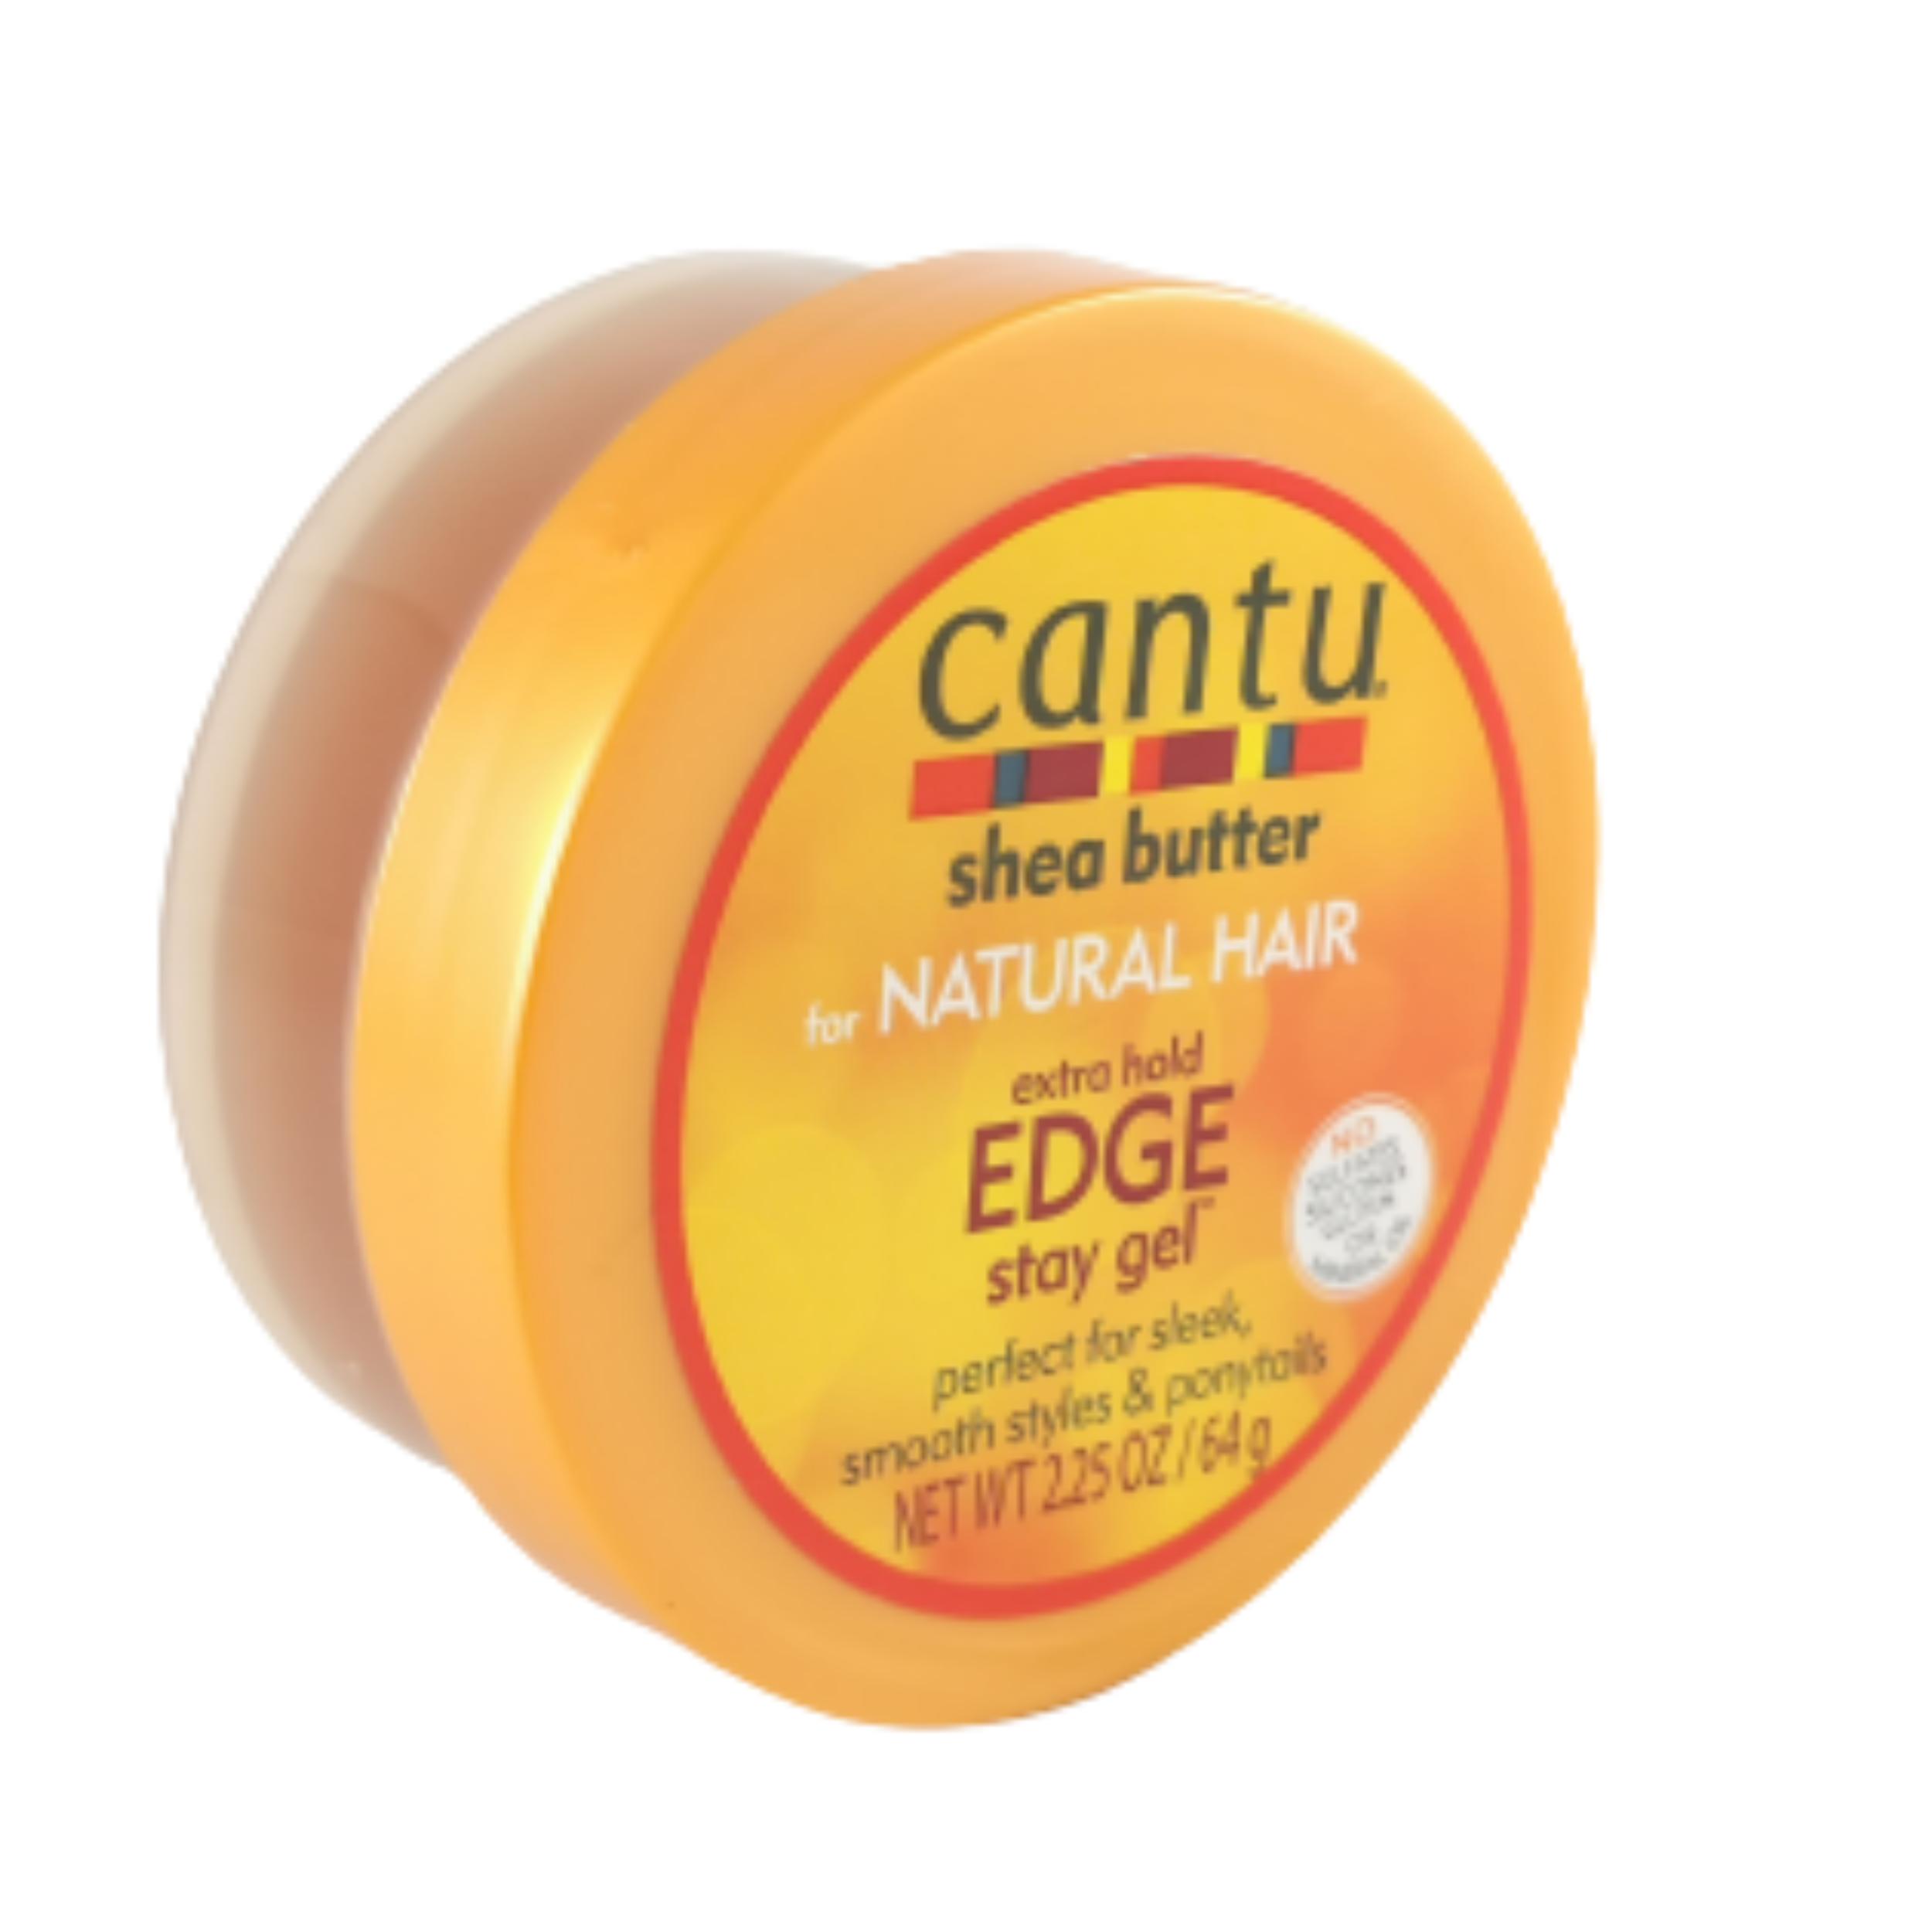 Gel. idéal pour dompter les baby hair ainsi que les mèches rebelles - CANTU